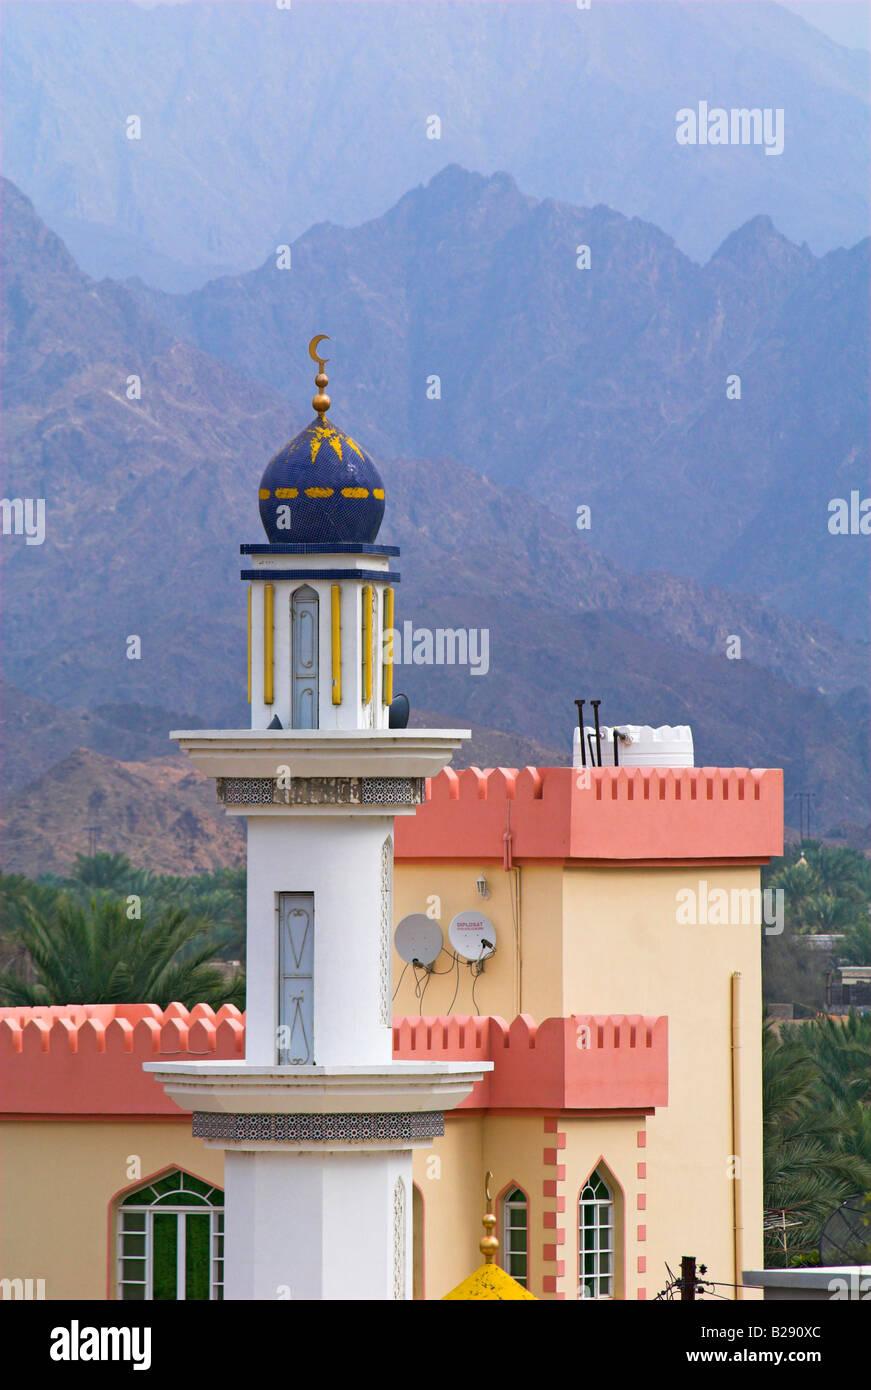 Mosquée bleue et les montagnes Ar Rustaq Oman Date 12 03 2008 réf: ZB917 1111530016 CRÉDIT Photo Stock